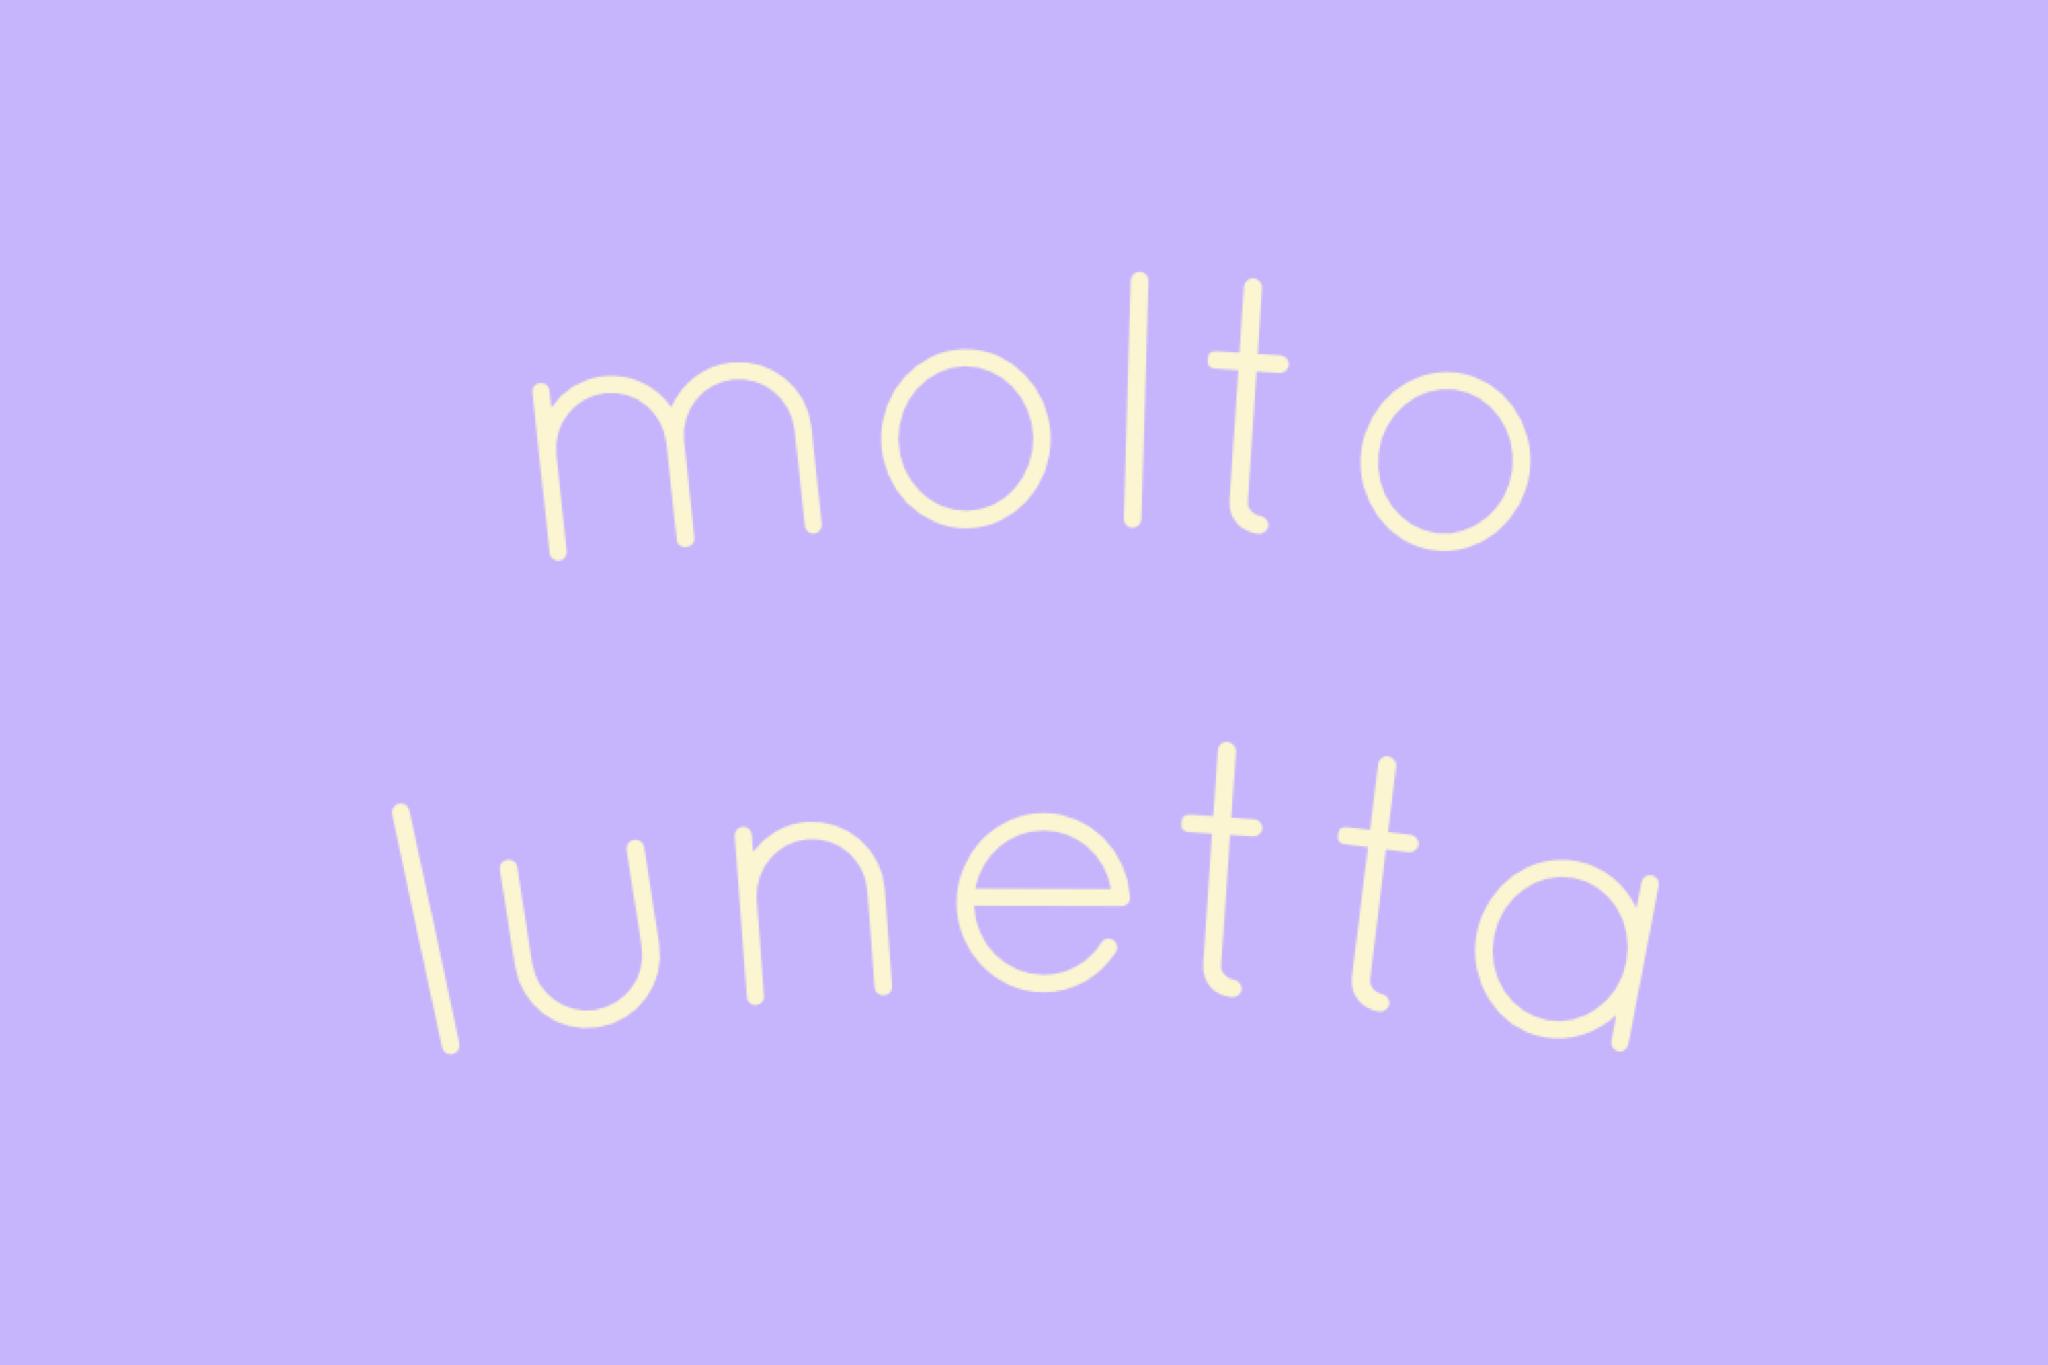 こども服 Molto Lunetta(モルトルネッタ)子供服 出産祝い 韓国子供服 通販専門店